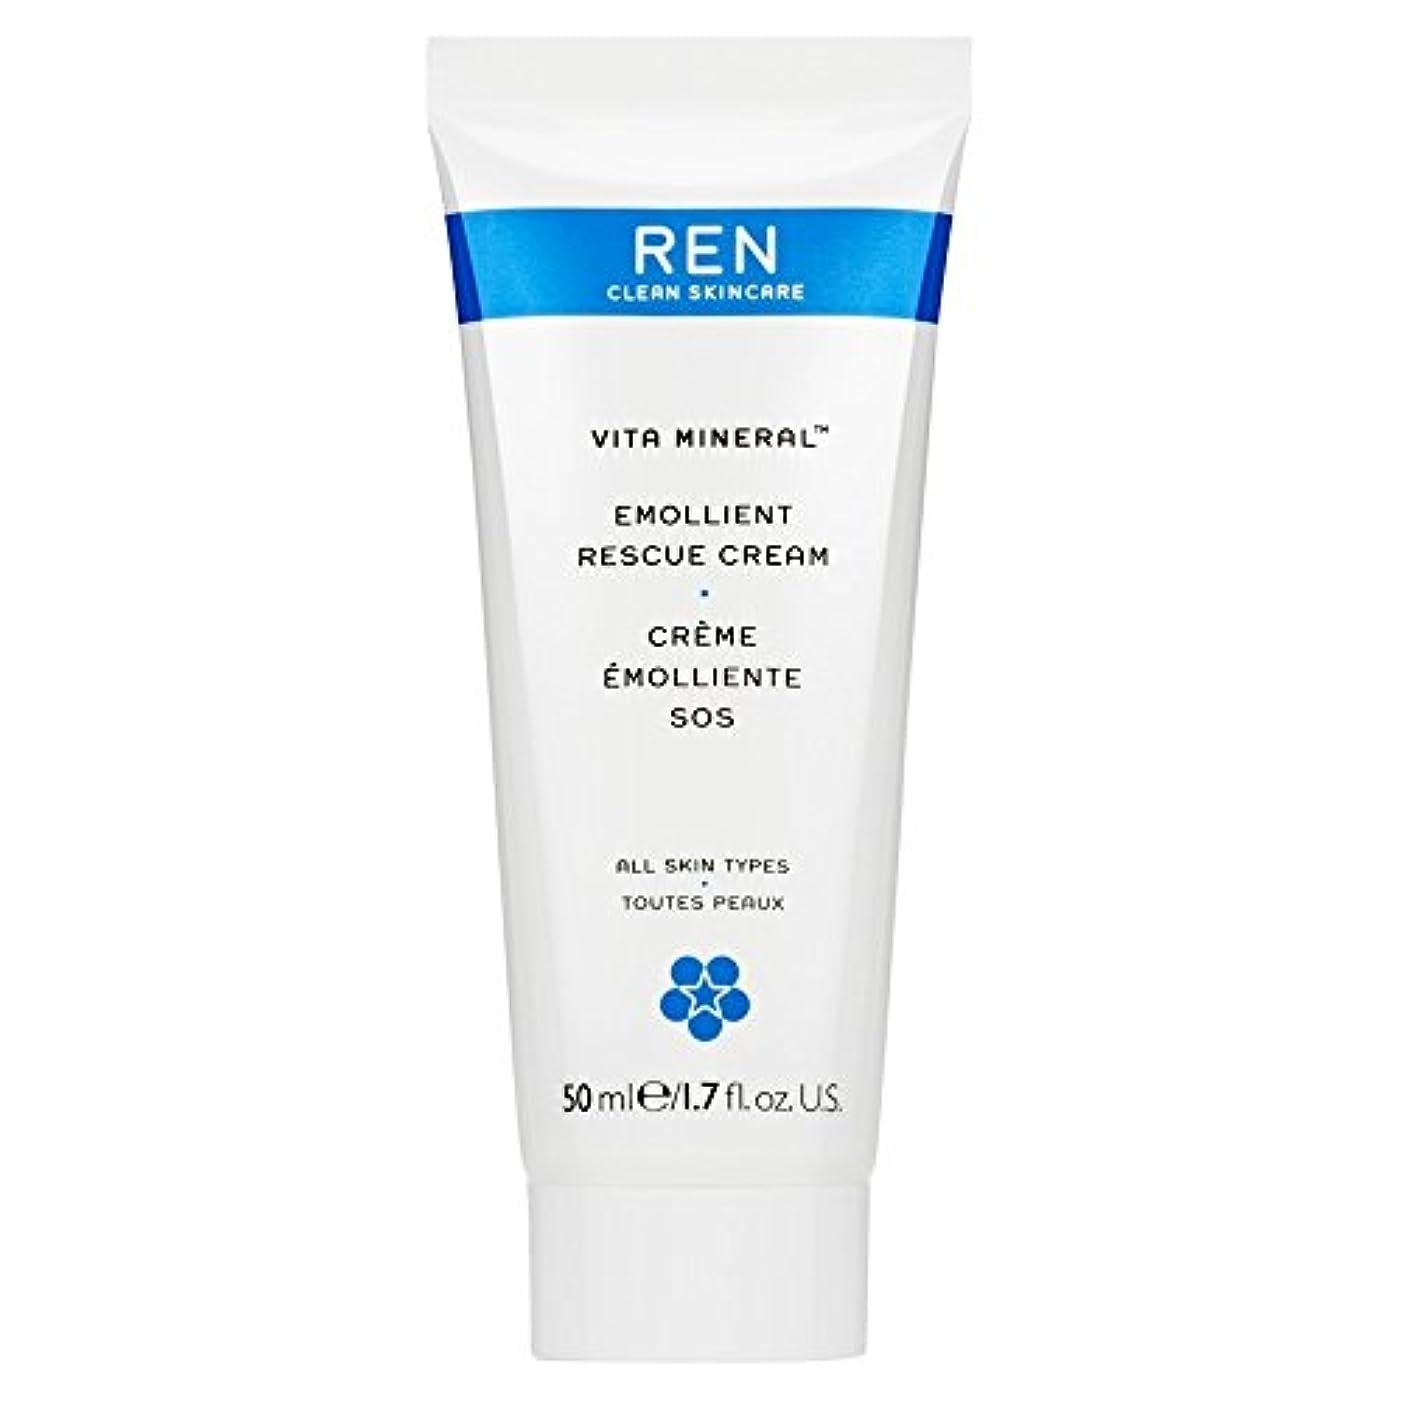 線不適みすぼらしいRenヴィータミネラルレスキュークリーム、50ミリリットル (REN) - REN Vita Mineral Rescue Cream, 50ml [並行輸入品]